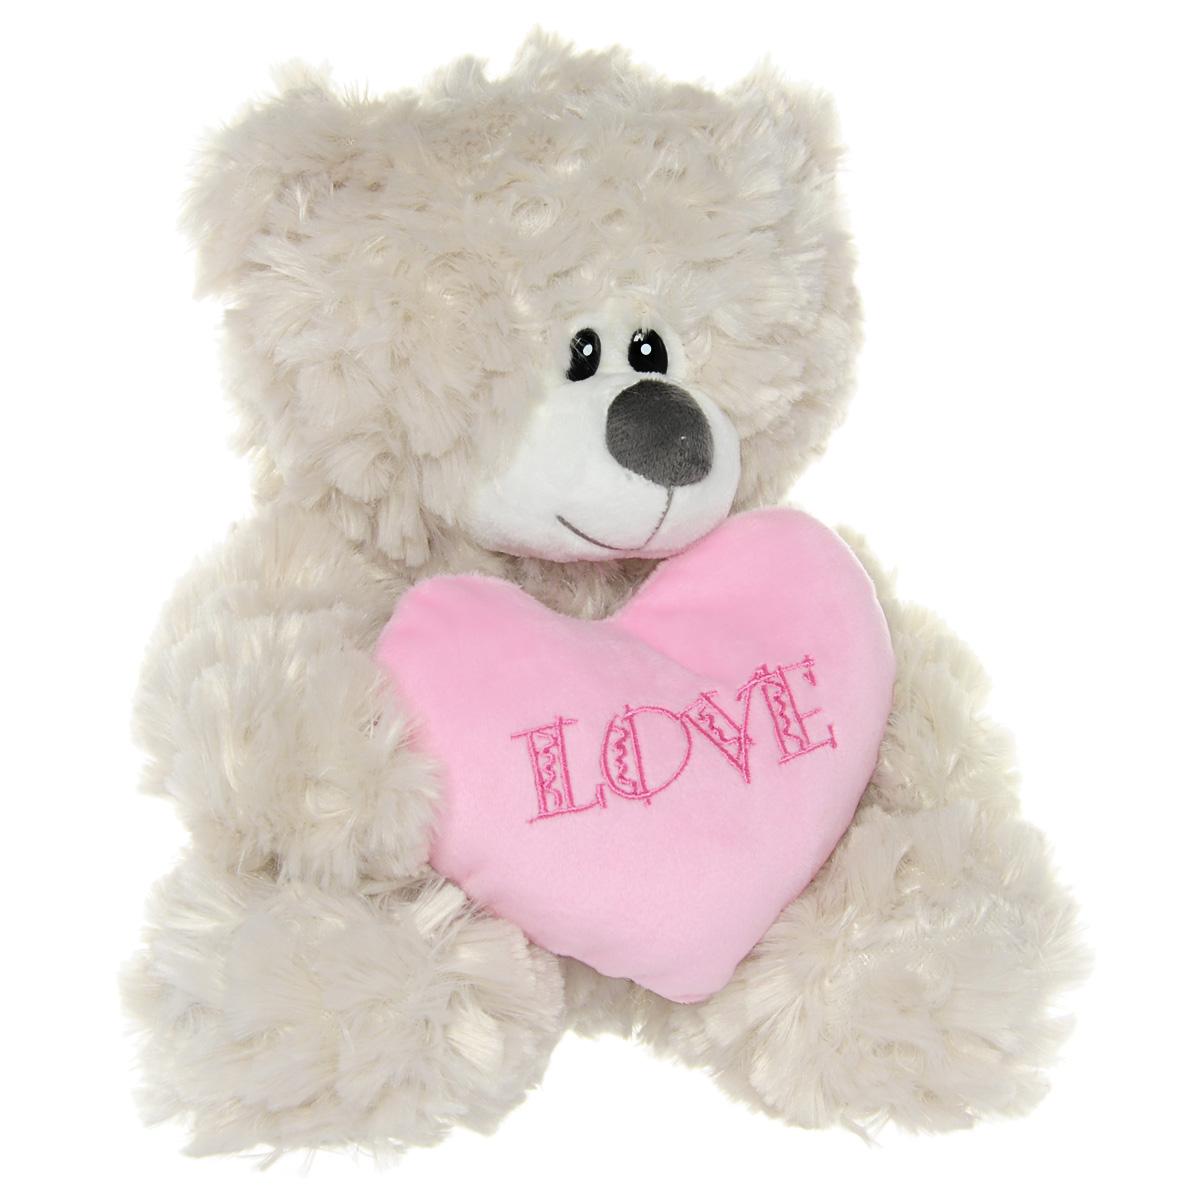 Мягкая игрушка Gulliver Мишка с розовым сердцем, цвет: кремовый, 22 см40-13-0301-1AЧудесная мягкая игрушка Gulliver Мишка с розовым сердцем, выполненная в виде милого медведя, вызовет радость как у взрослого, так и у ребенка. Медведь изготовлен из полиакрила и модакрила с набивкой из синтепона. Глазки игрушки пластиковые; в лапках медведь держит розовое сердечко с надписью Love. Игрушка удивительно приятна на ощупь. Такая игрушка станет чудесным подарком к любому празднику.